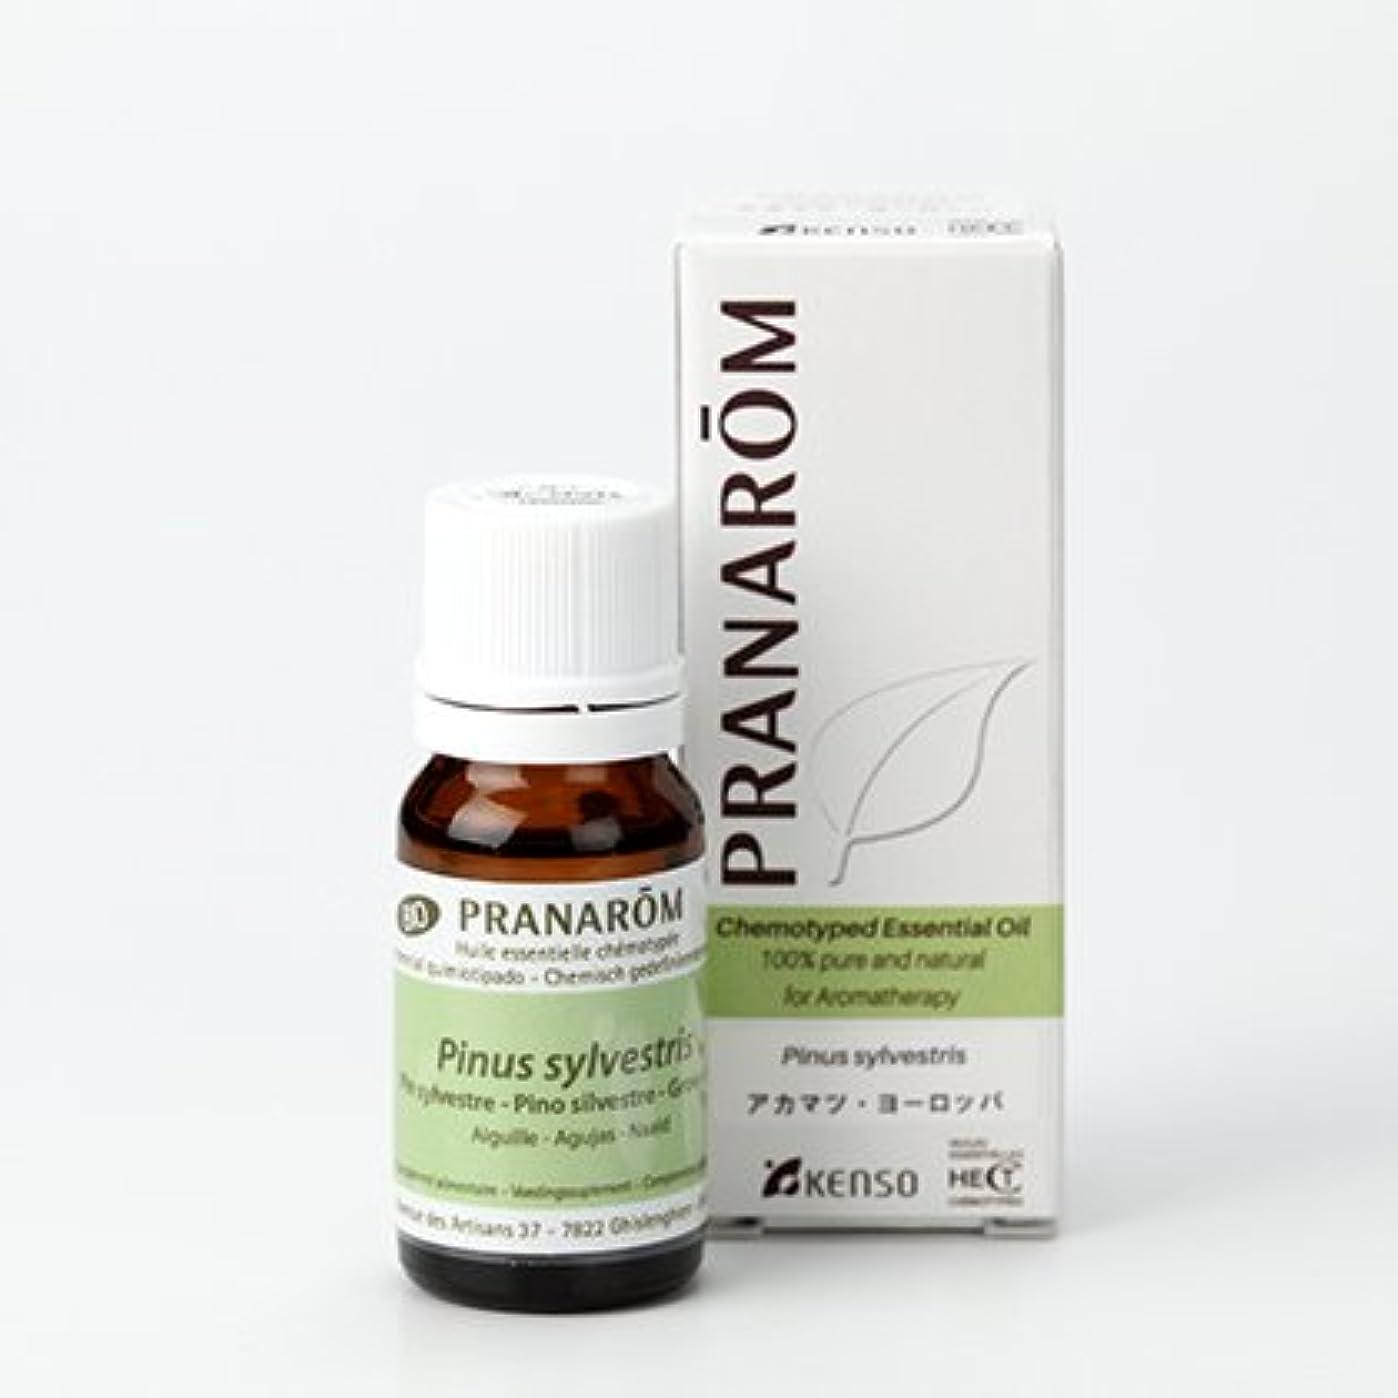 アカマツ?ヨーロッパ 10ml プラナロム社エッセンシャルオイル(精油)樹木系ミドルノート